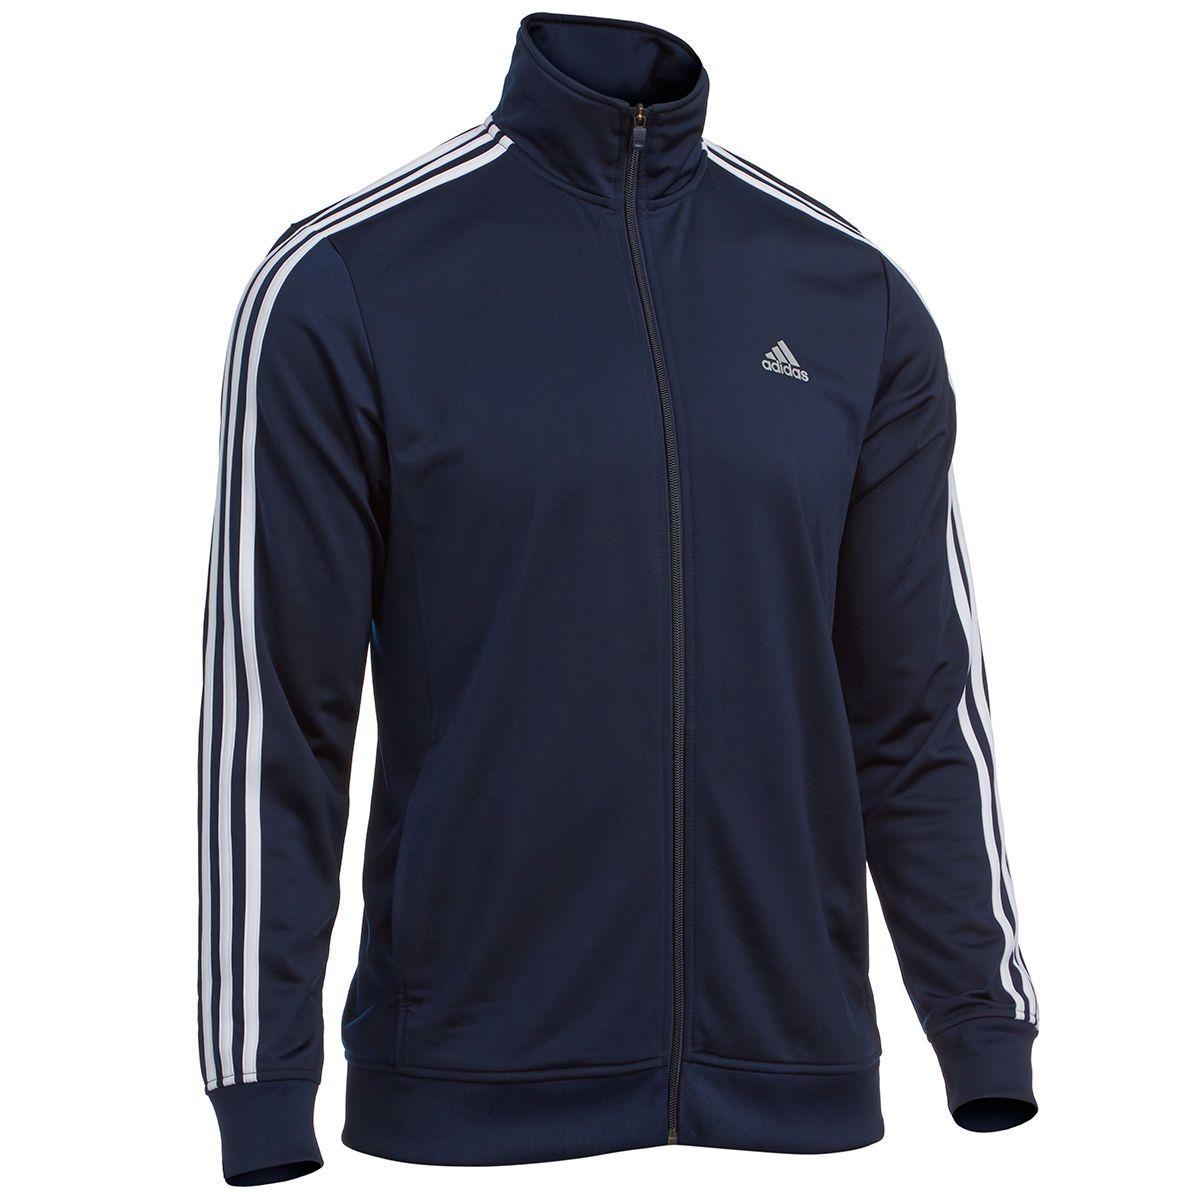 Chaqueta hombre deportiva básica para ADIDAS para hombre TALLA NWT azul marino con rayas blancas TALLA e0a39ba - hvorvikankobe.website